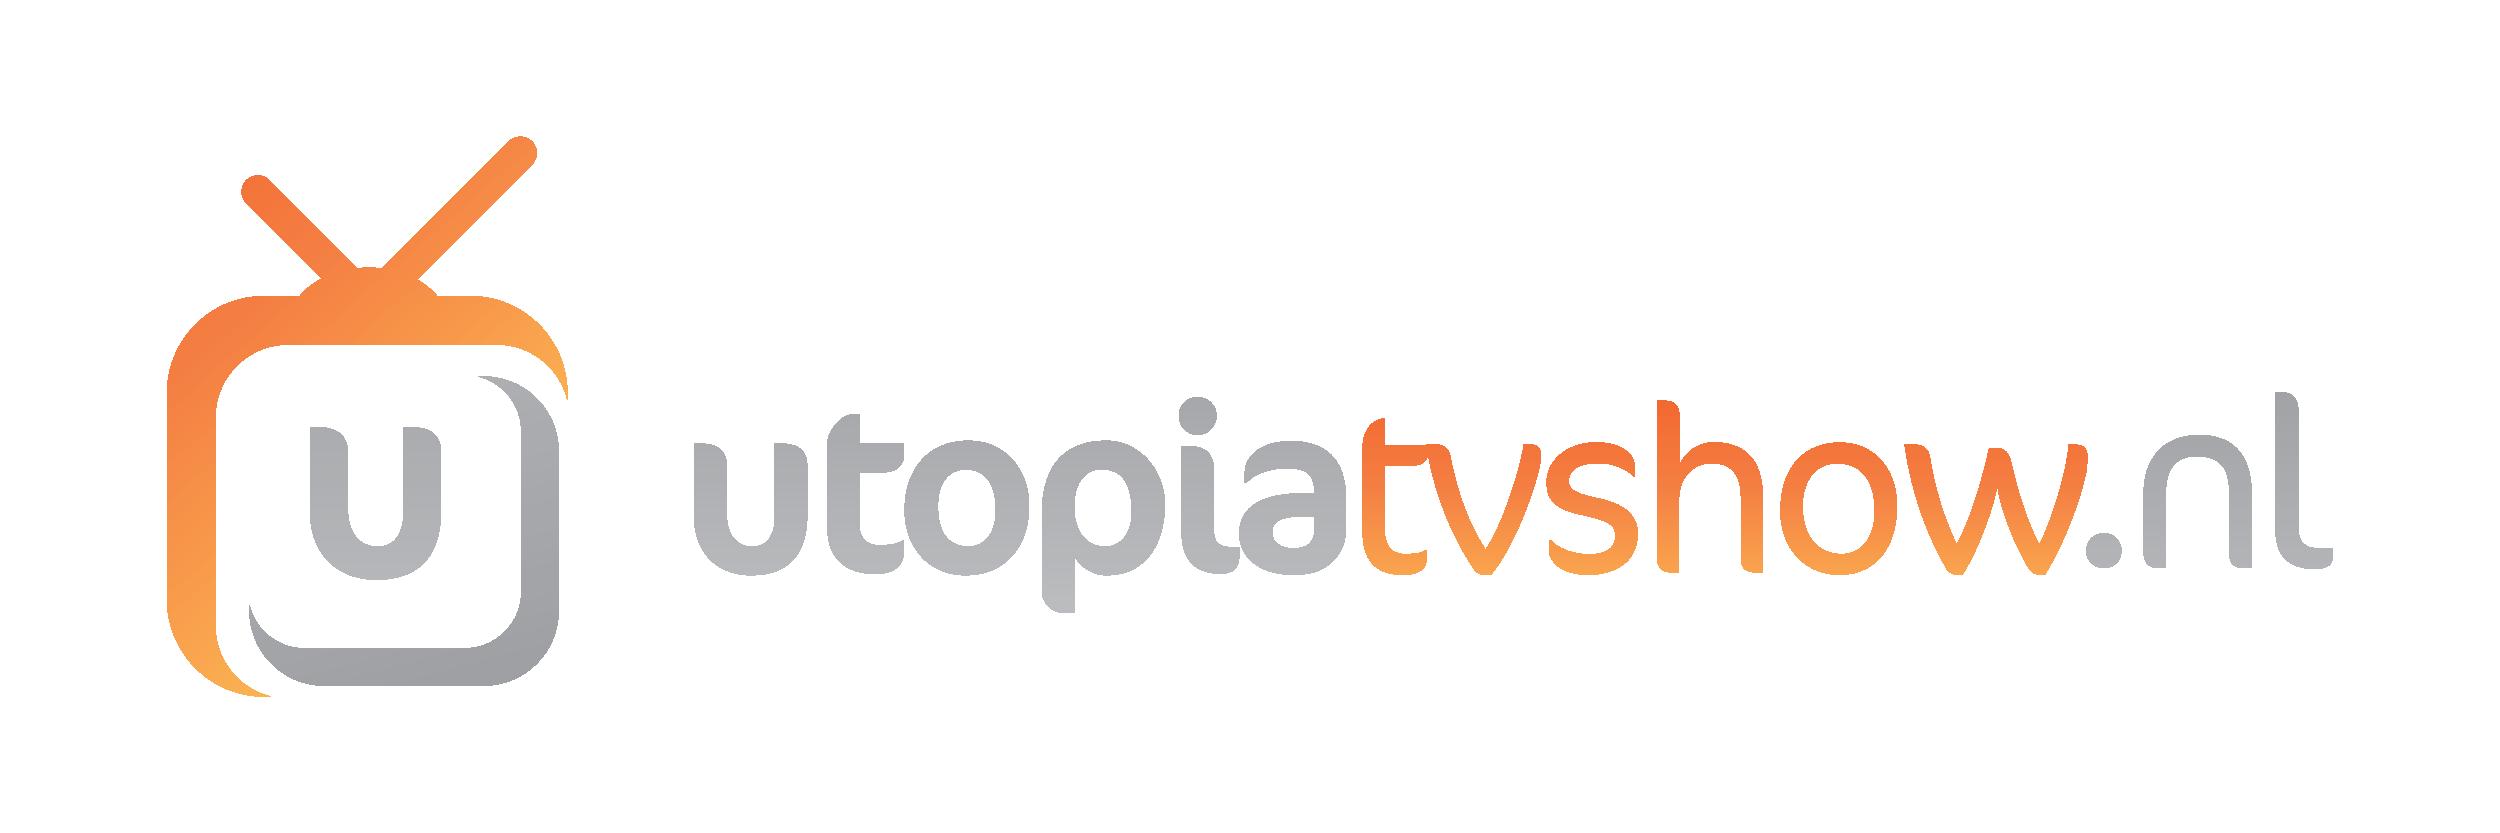 Utopia tv show - De grootste Utopia nieuws website van Nederland